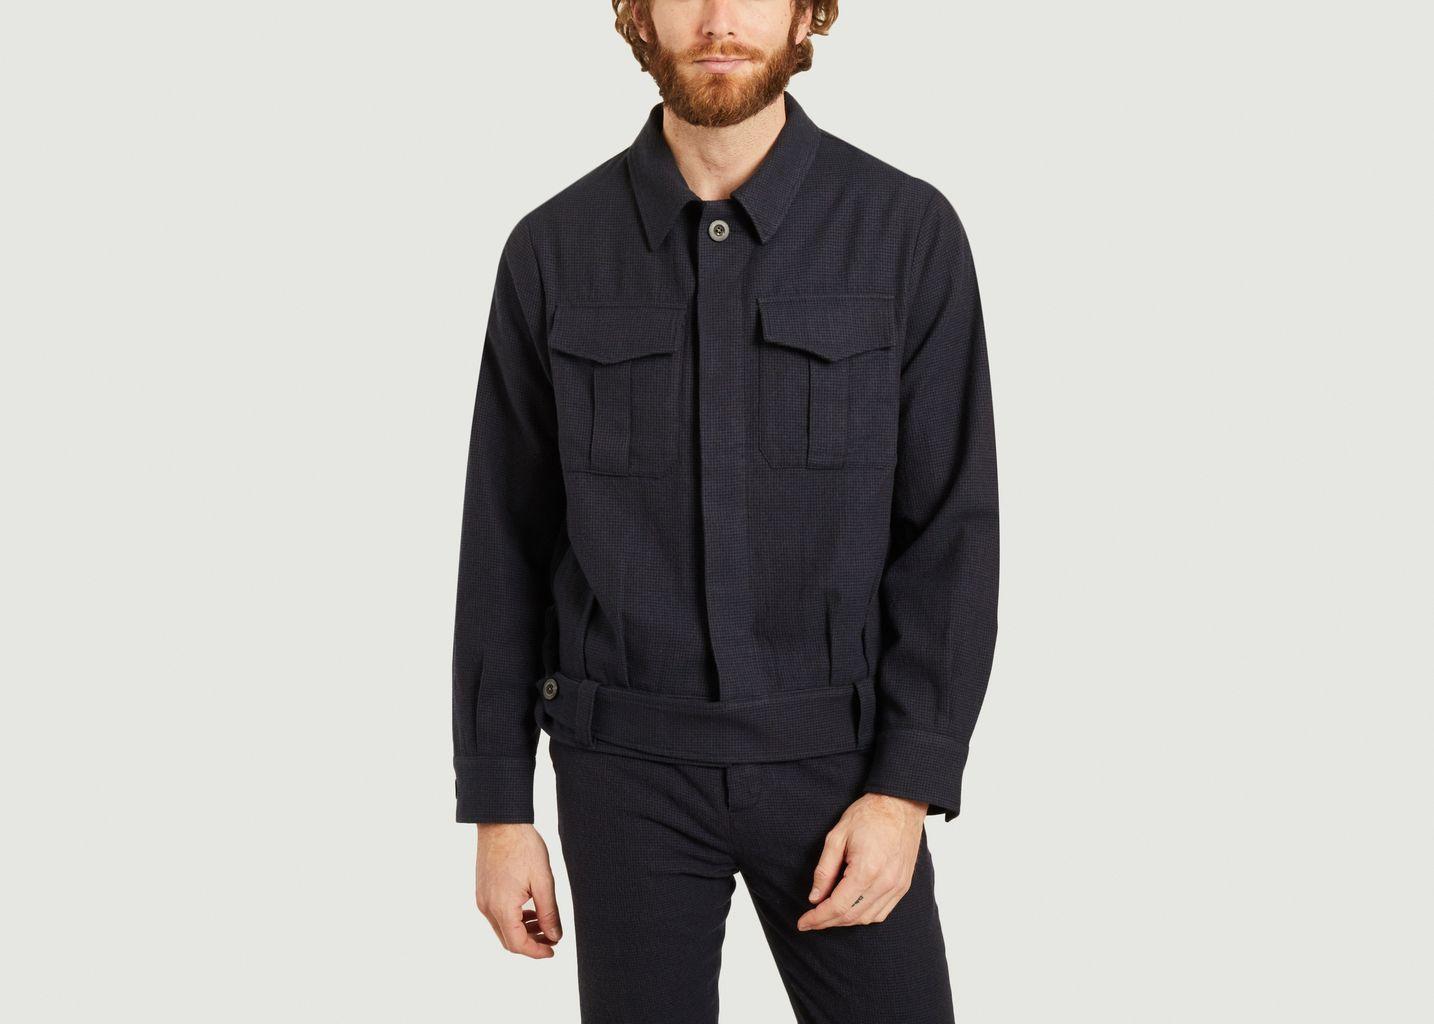 Veste Aviateur - A.B.C.L. Garments